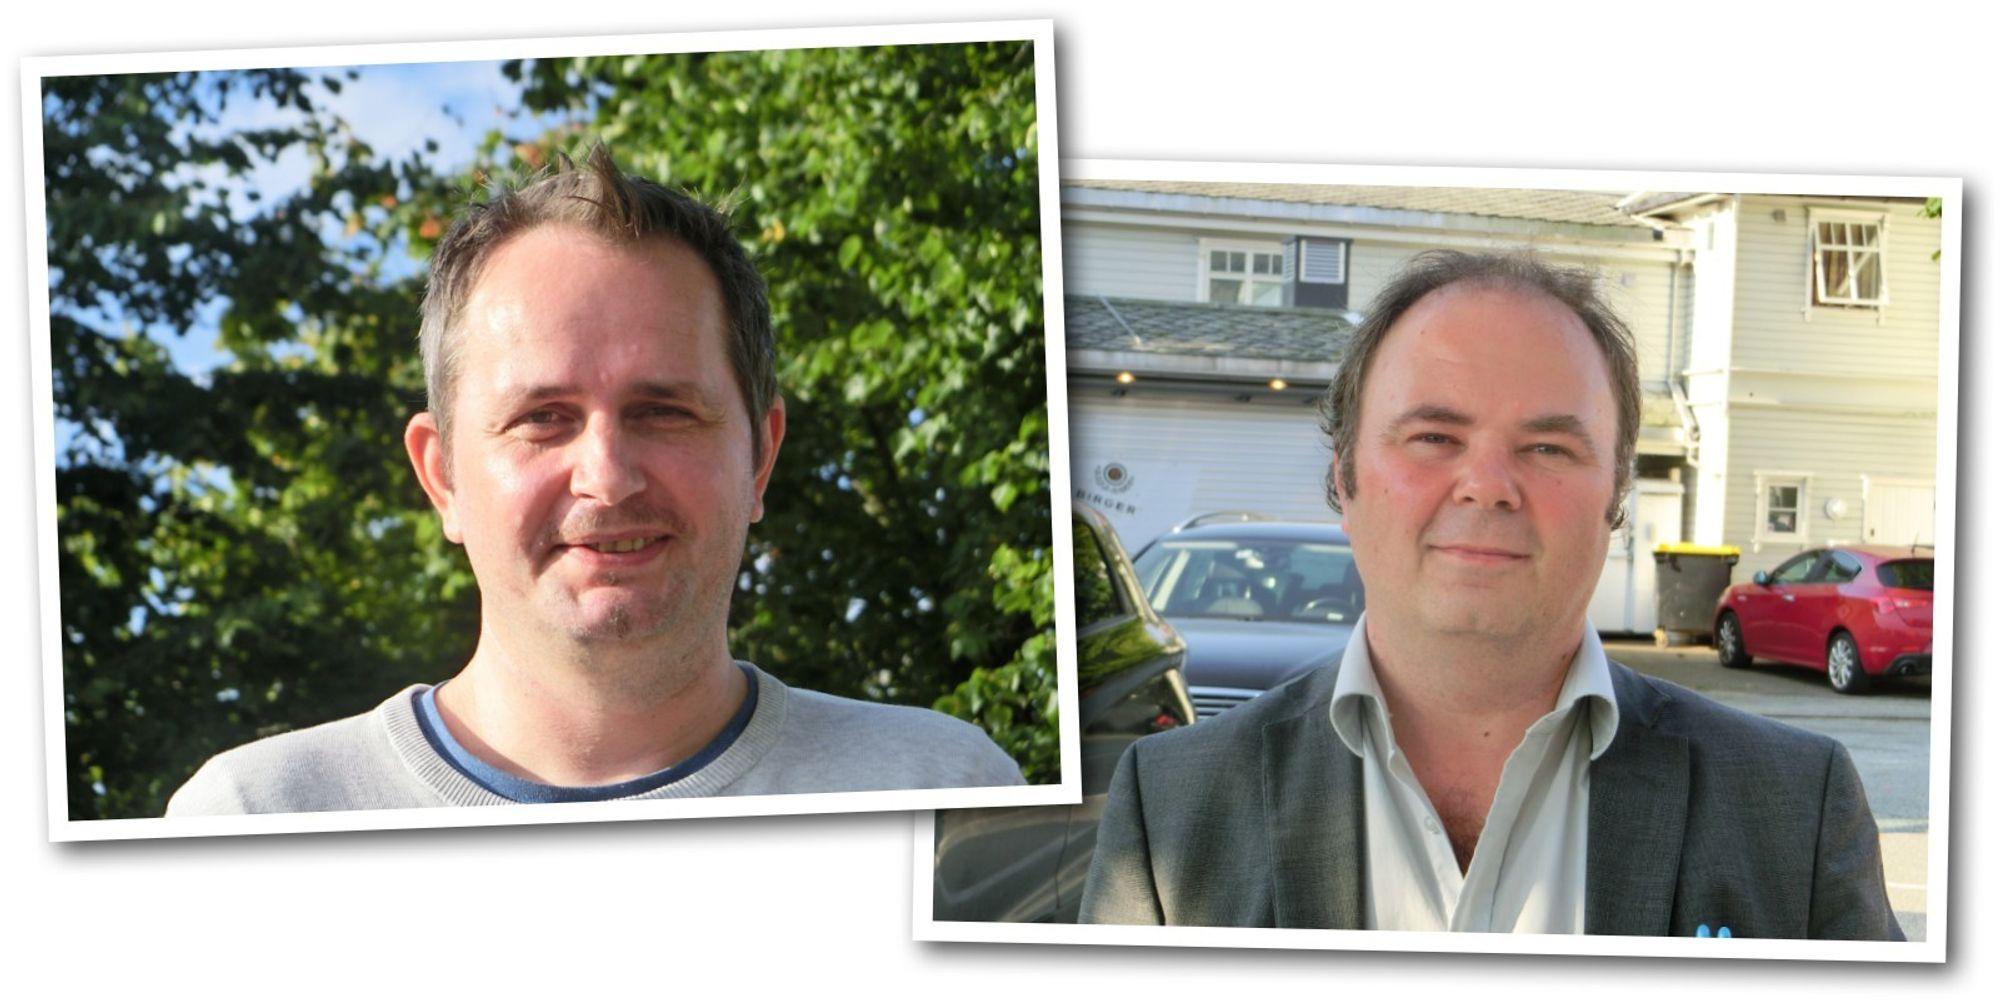 Disse karene sørger for at Sandnesposten får stadig nye abonnenter: Cato Thrane Årbø (t.v.) og Sven Magne Anda.